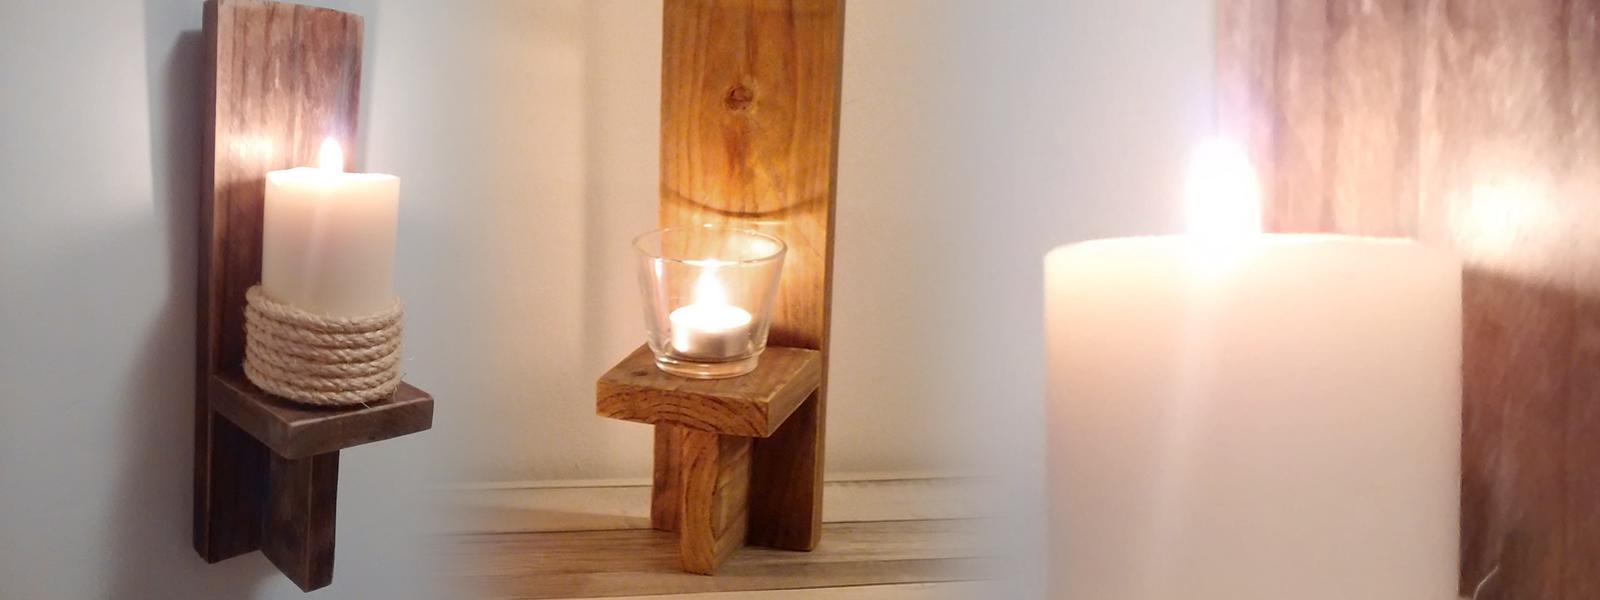 C mo hacer un candelabro de pared r stico piensa en deco - Candelabros de pared ...